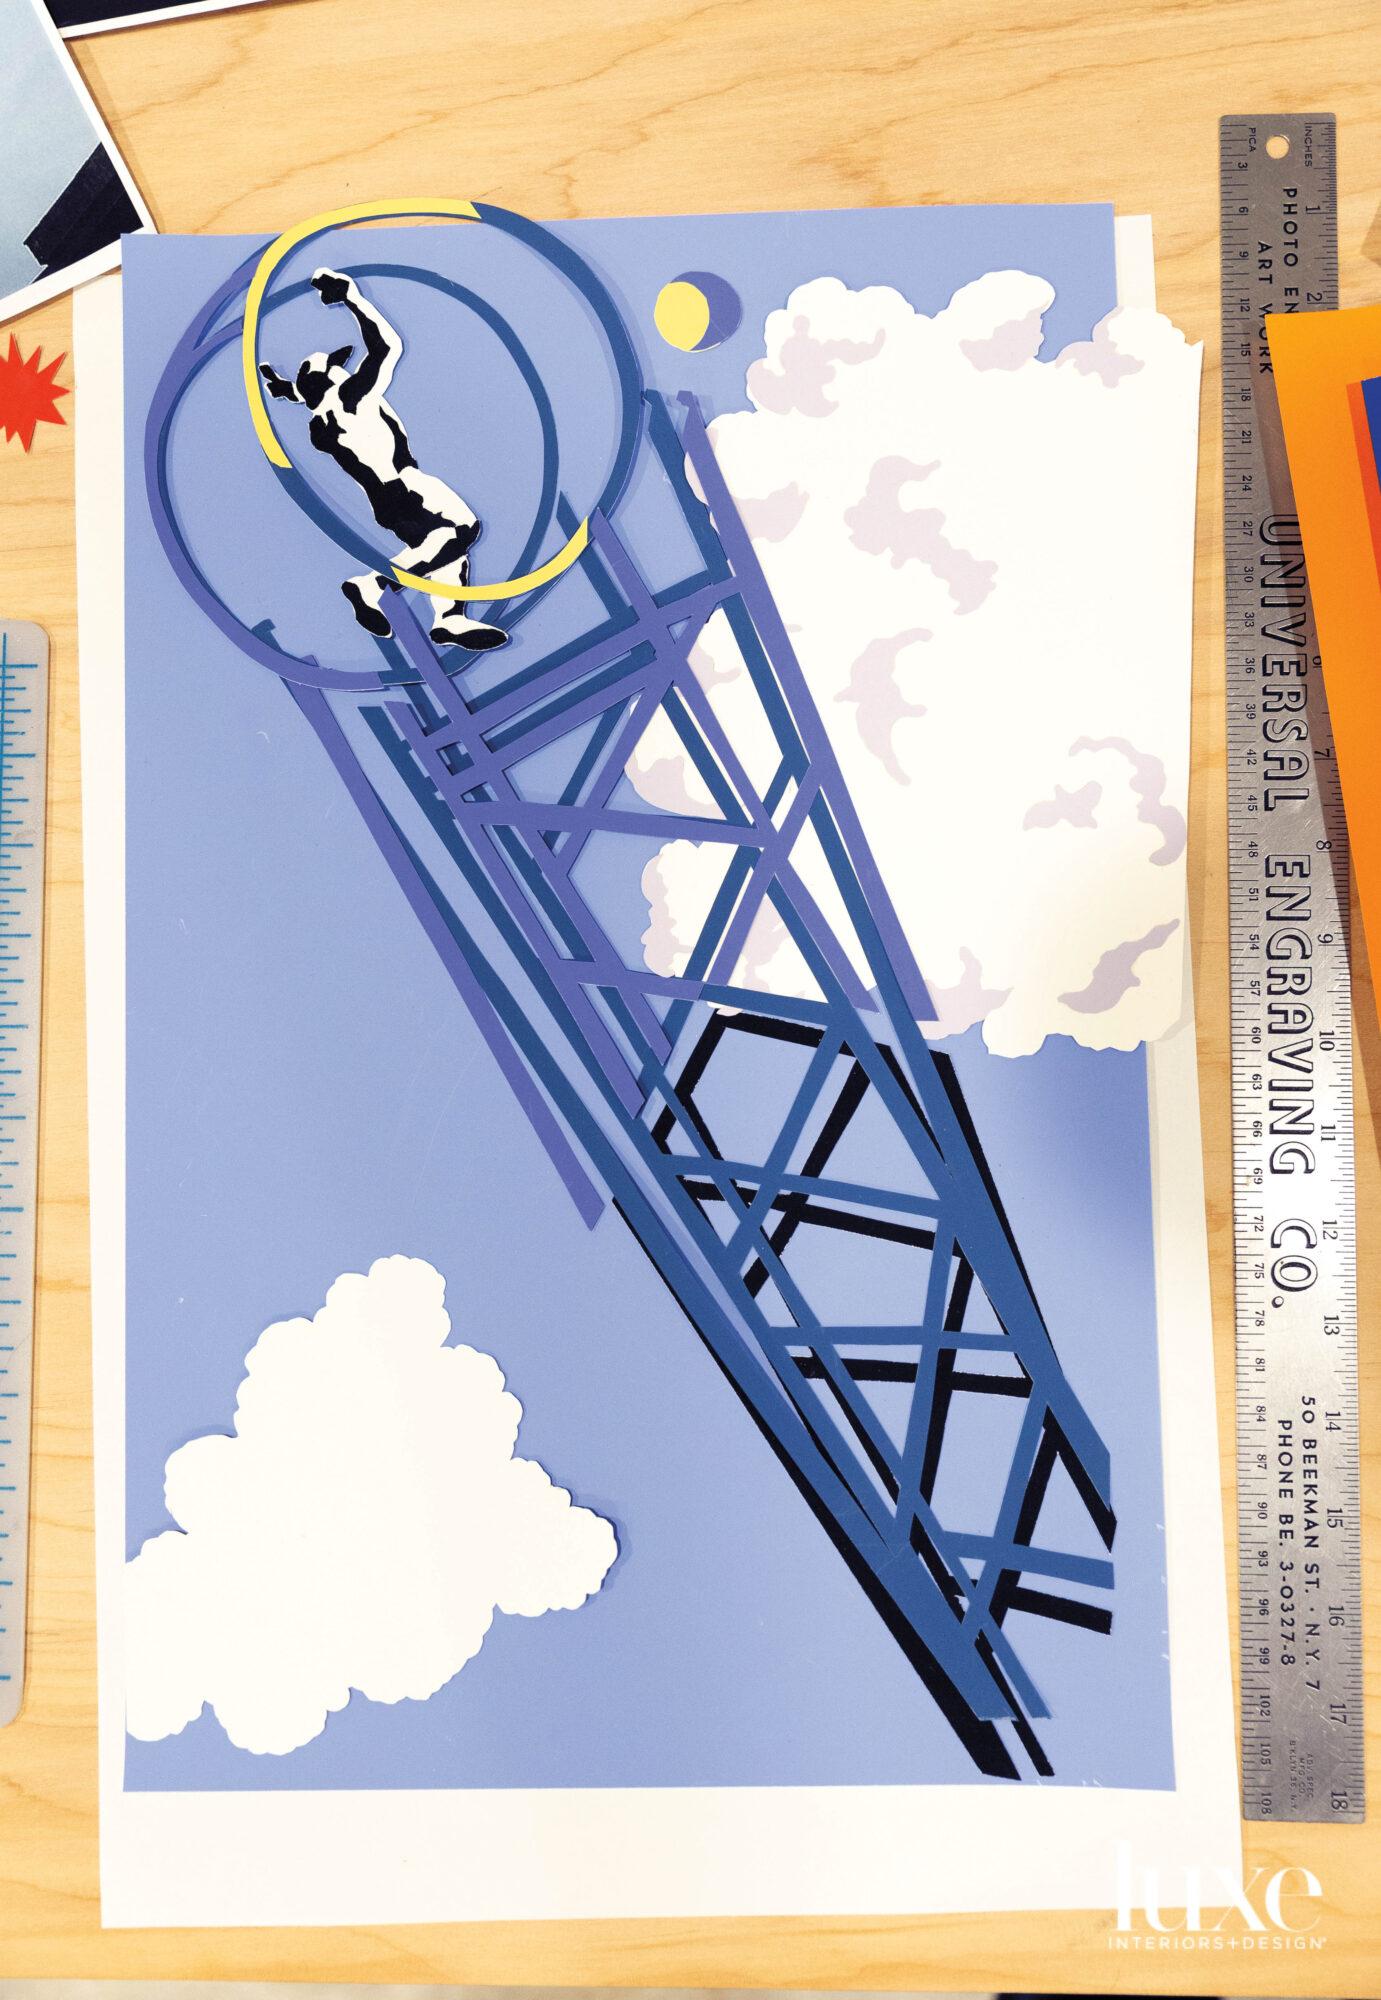 Circus-inspired artwork